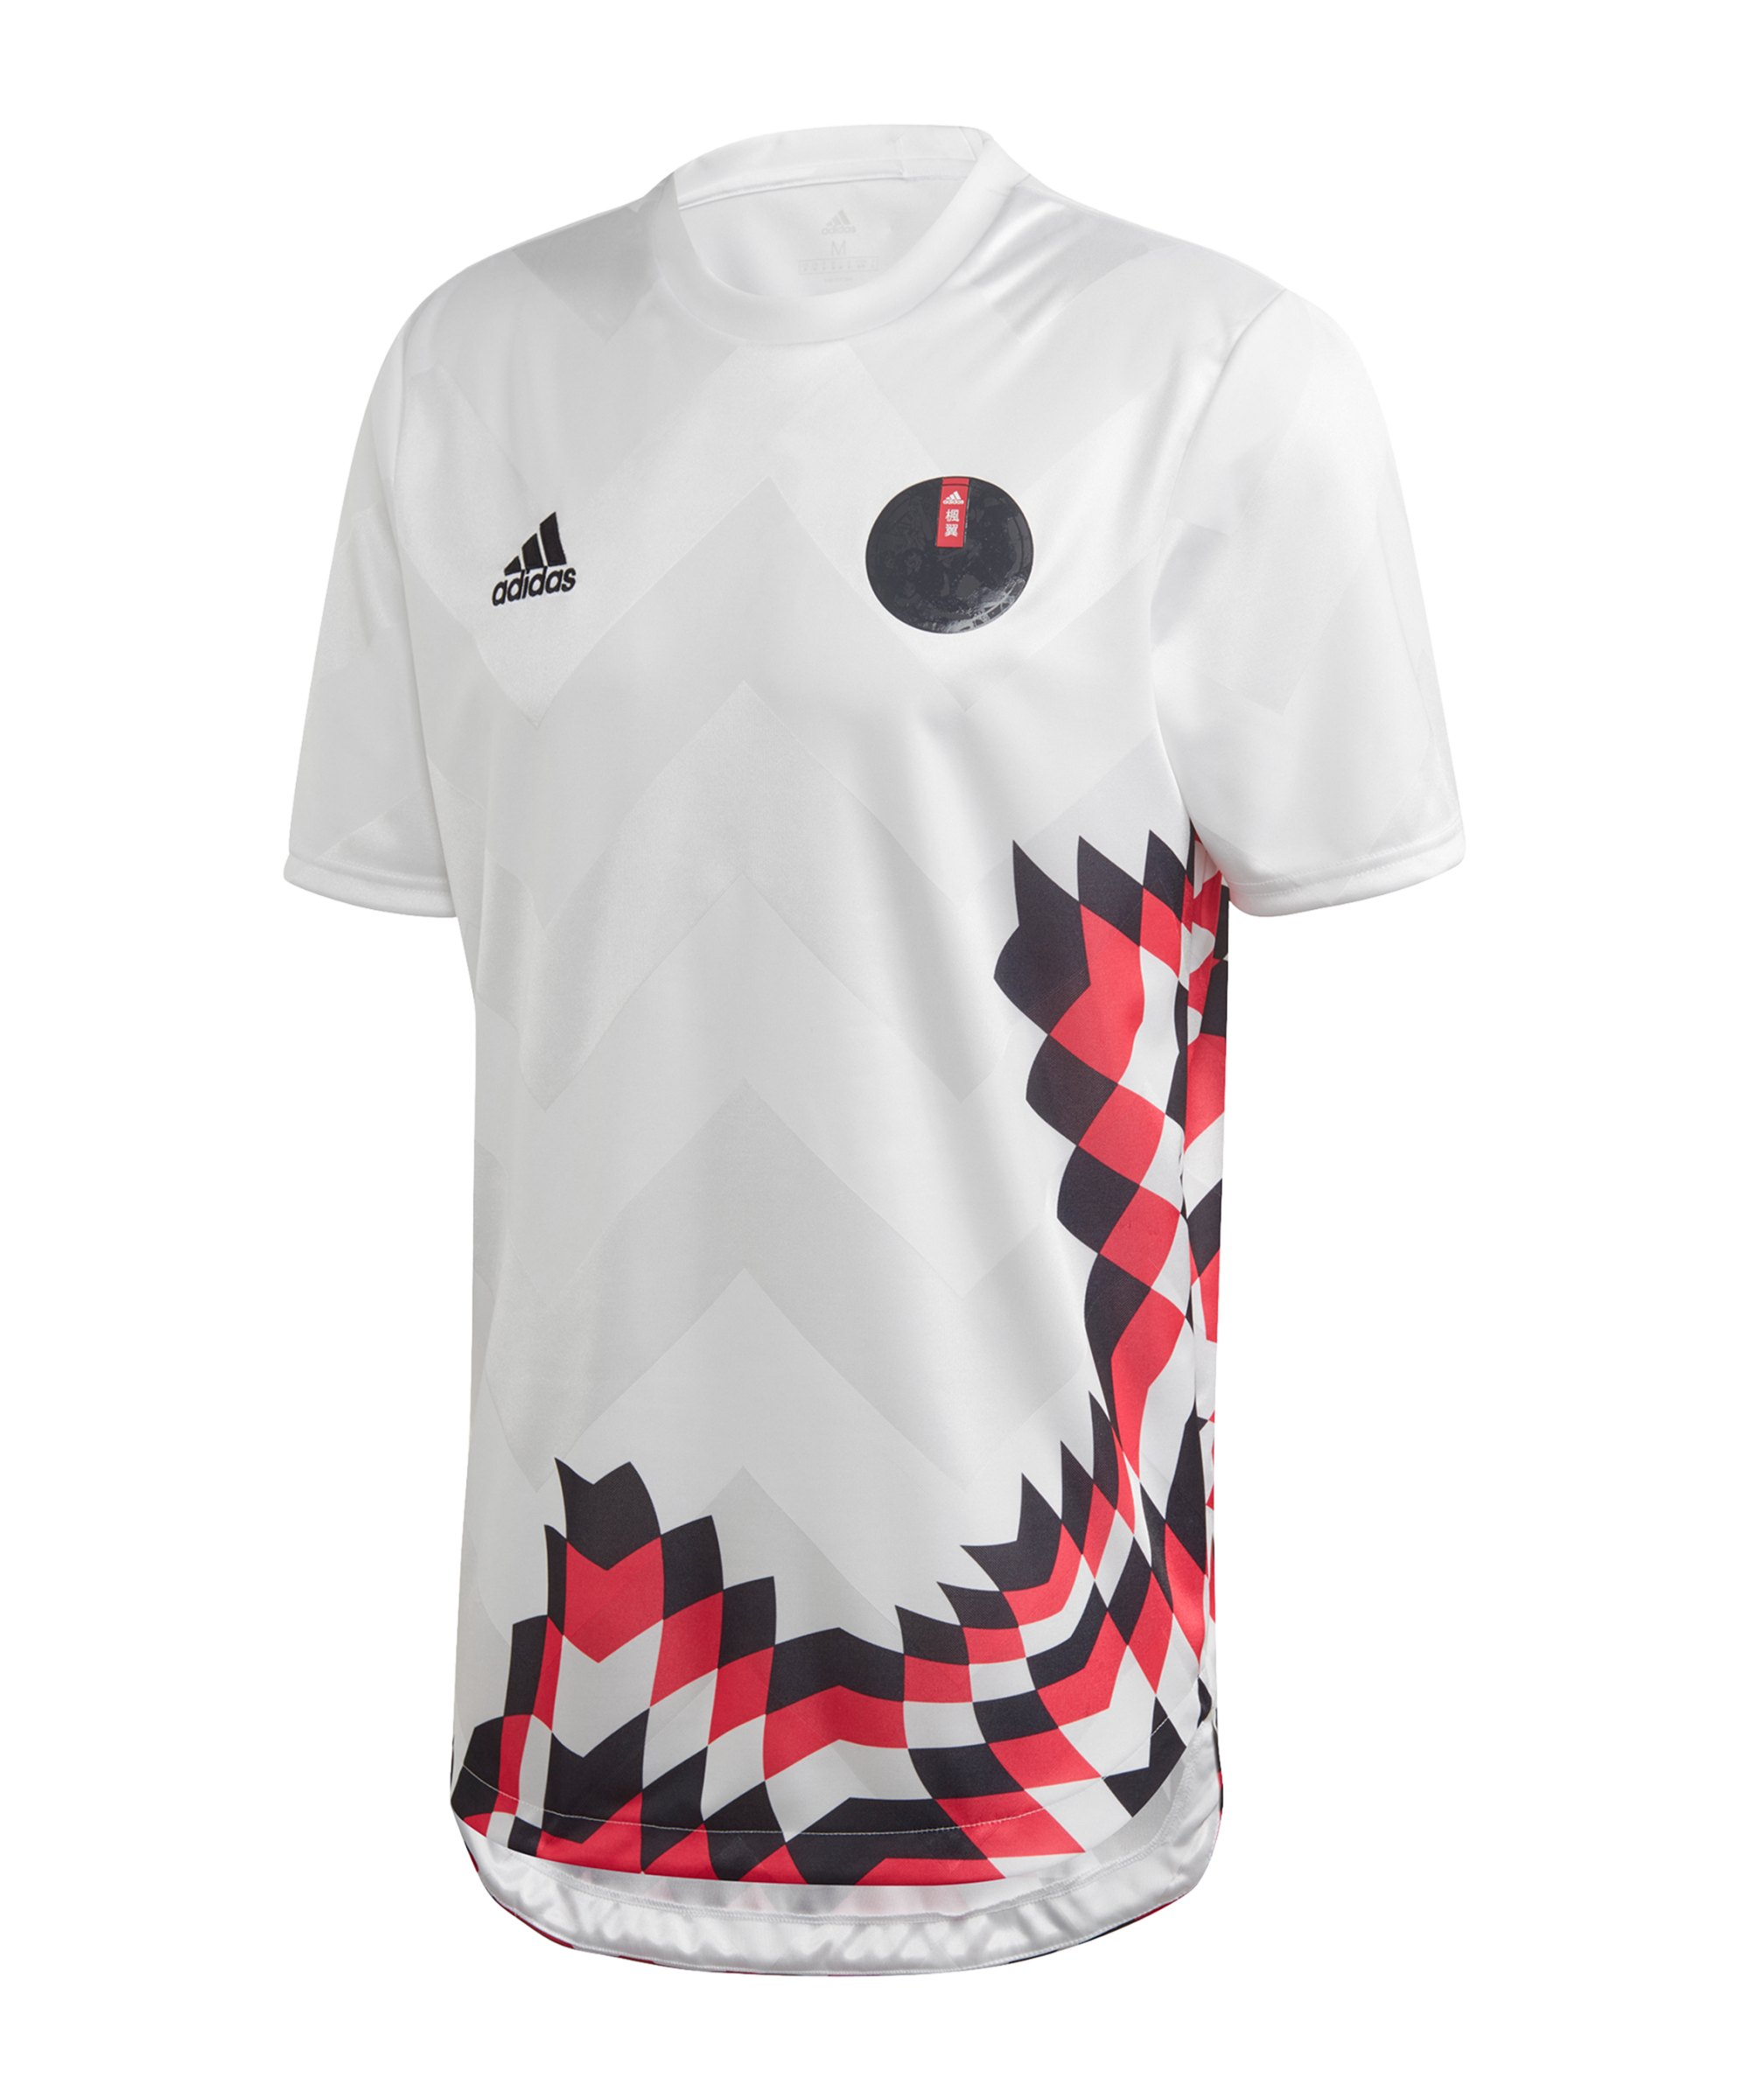 adidas Captain Tsubasa Trikot Weiss Schwarz Pink - weiss